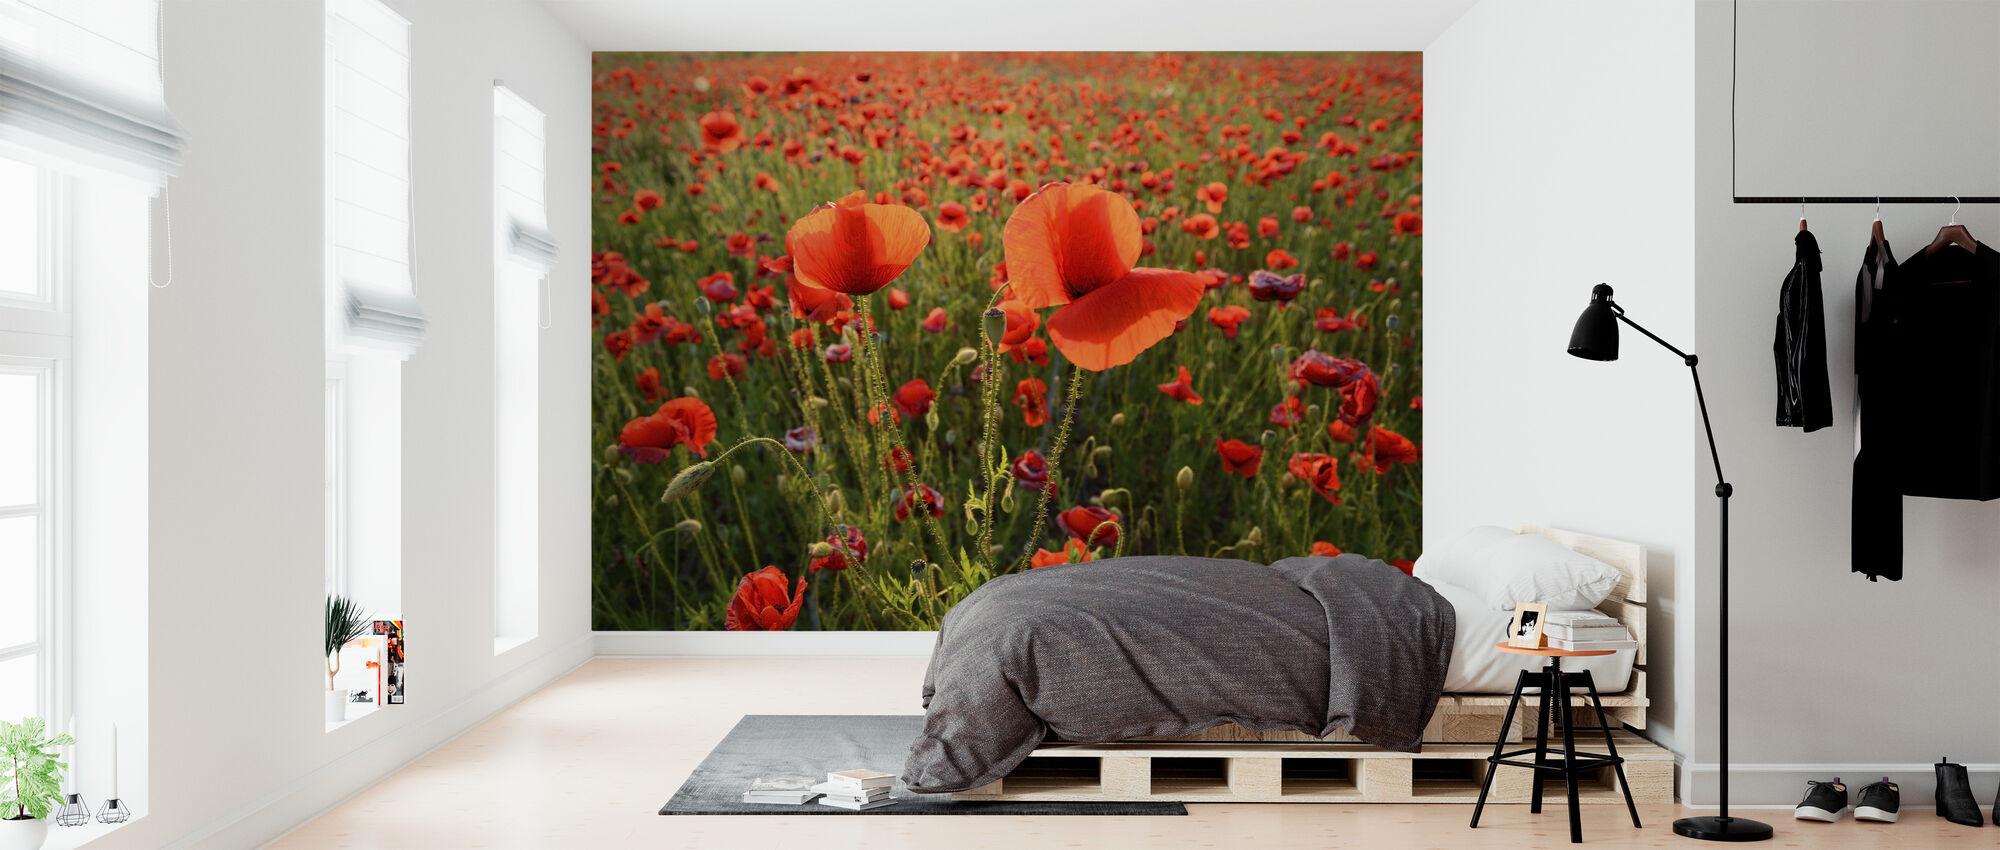 Poppy Fields - Wallpaper - Bedroom